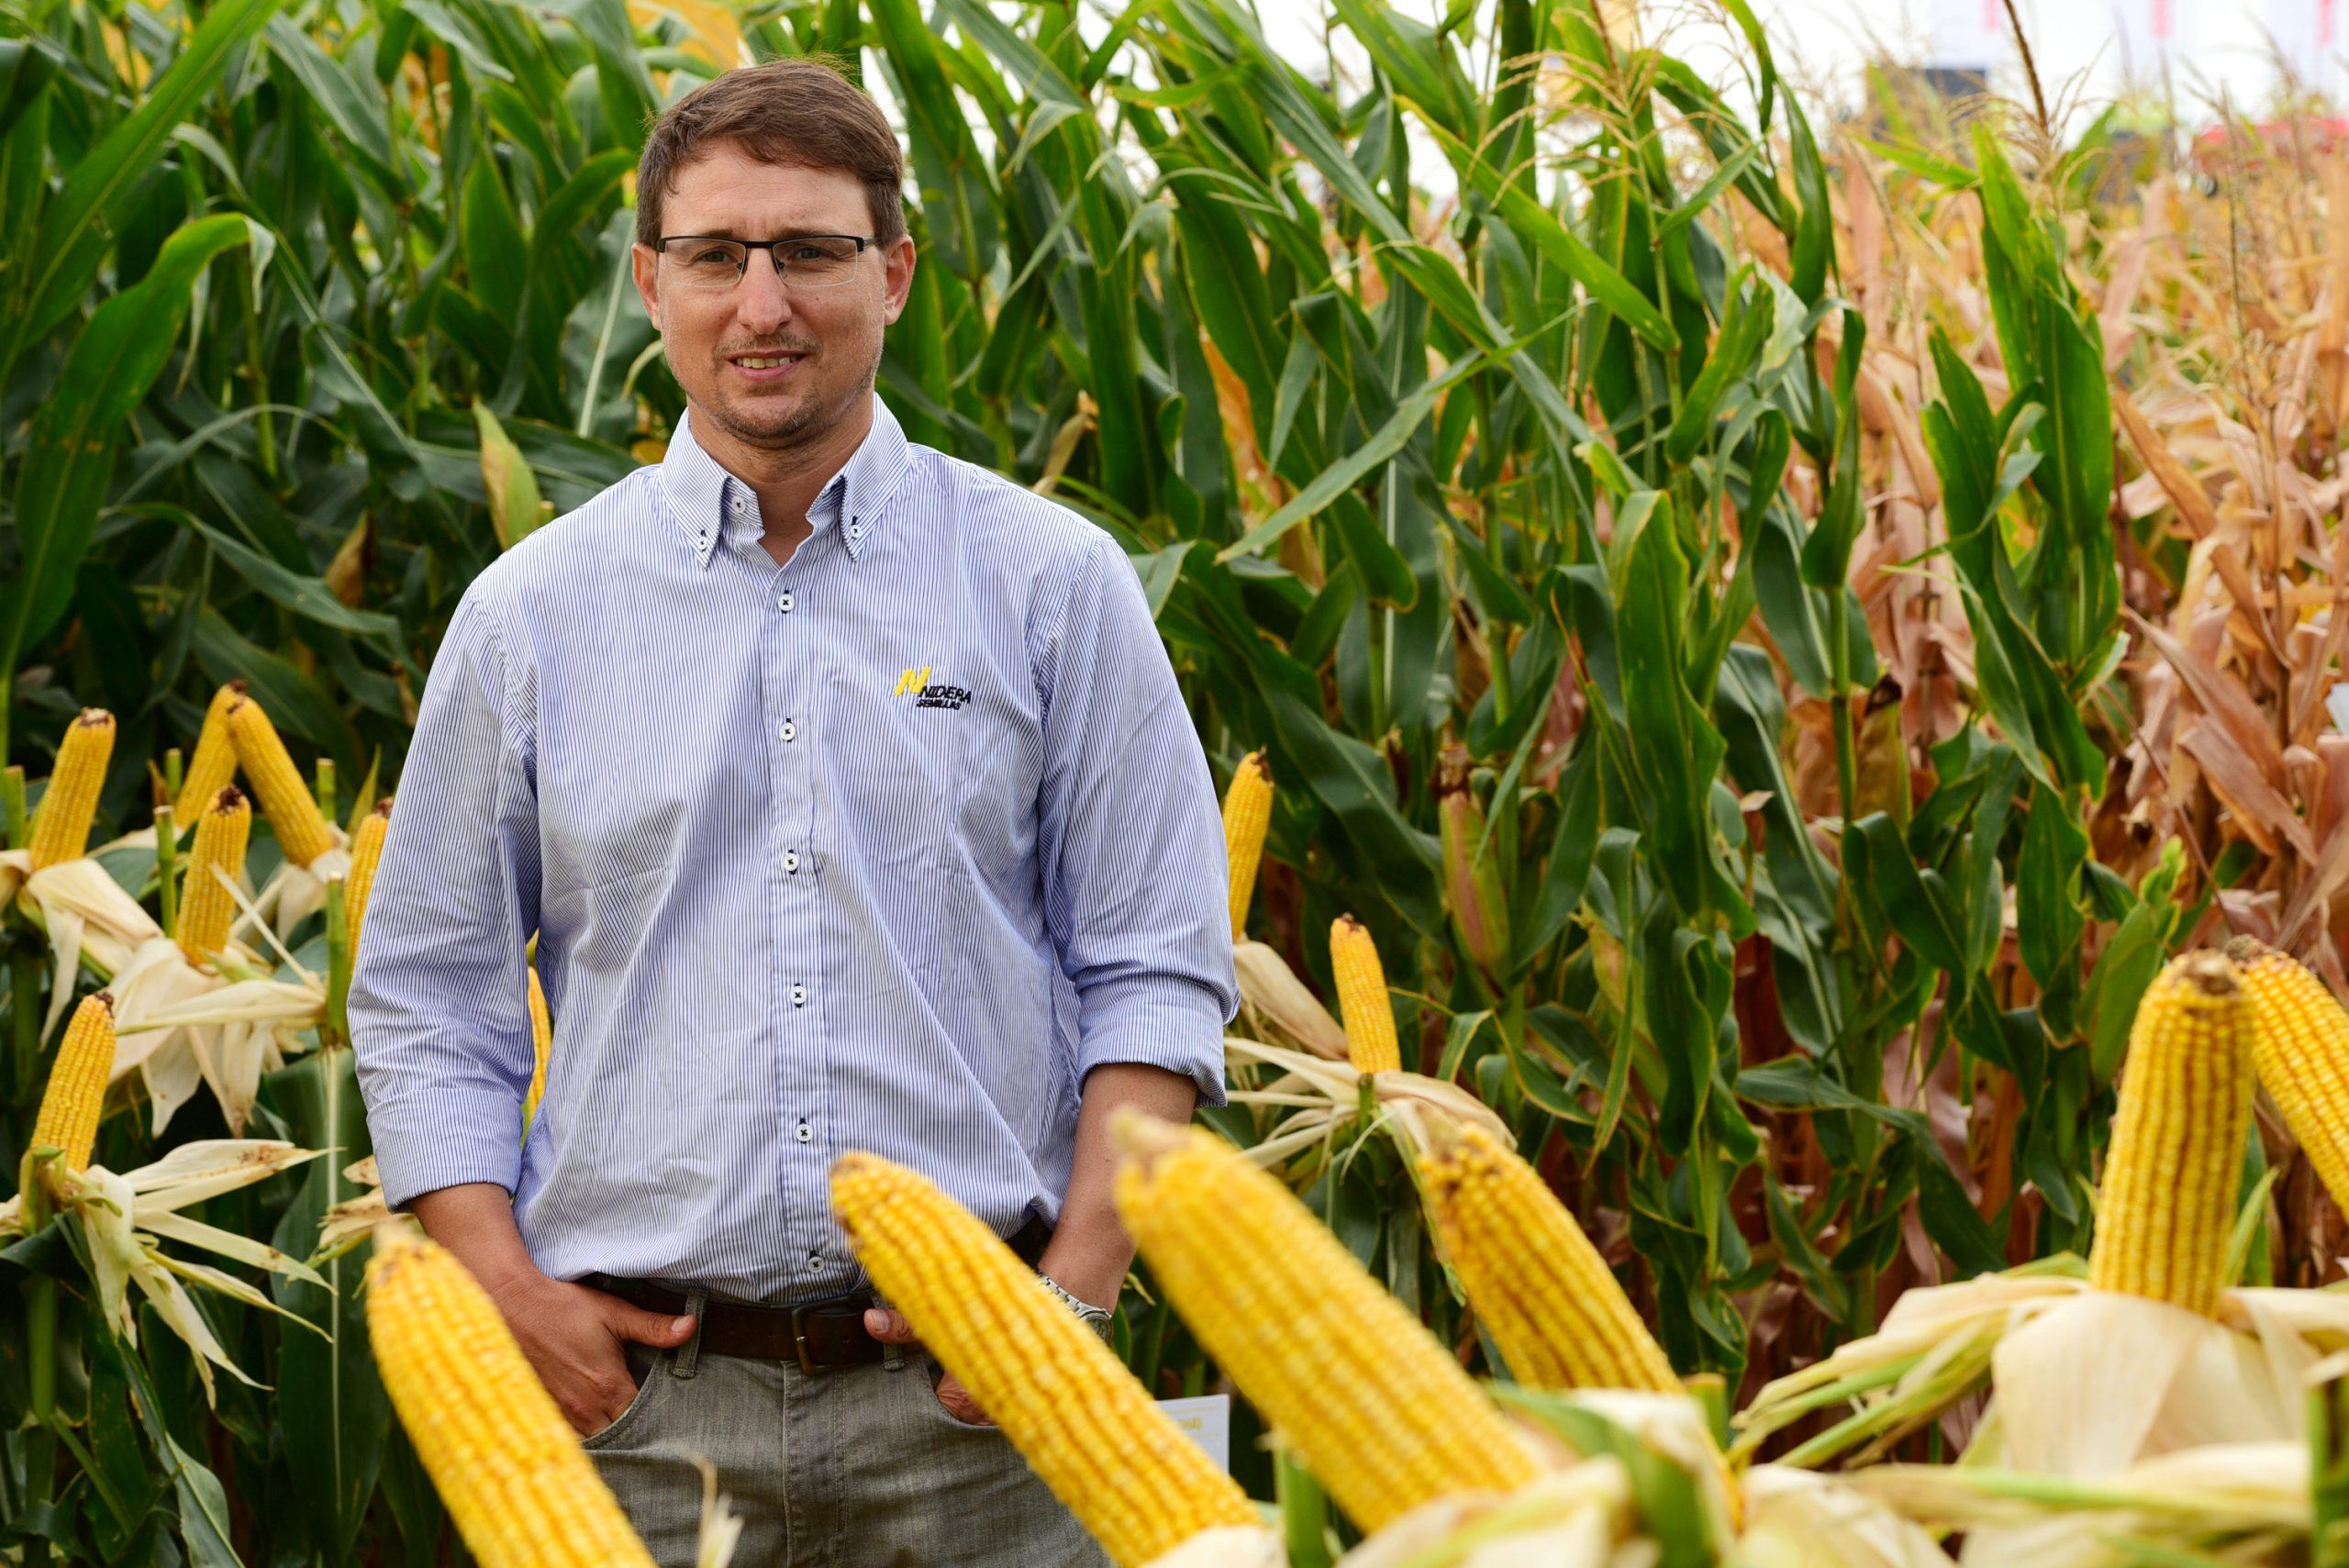 04/02-Hay formas de disminuir el impacto del estrés hídrico en maíz